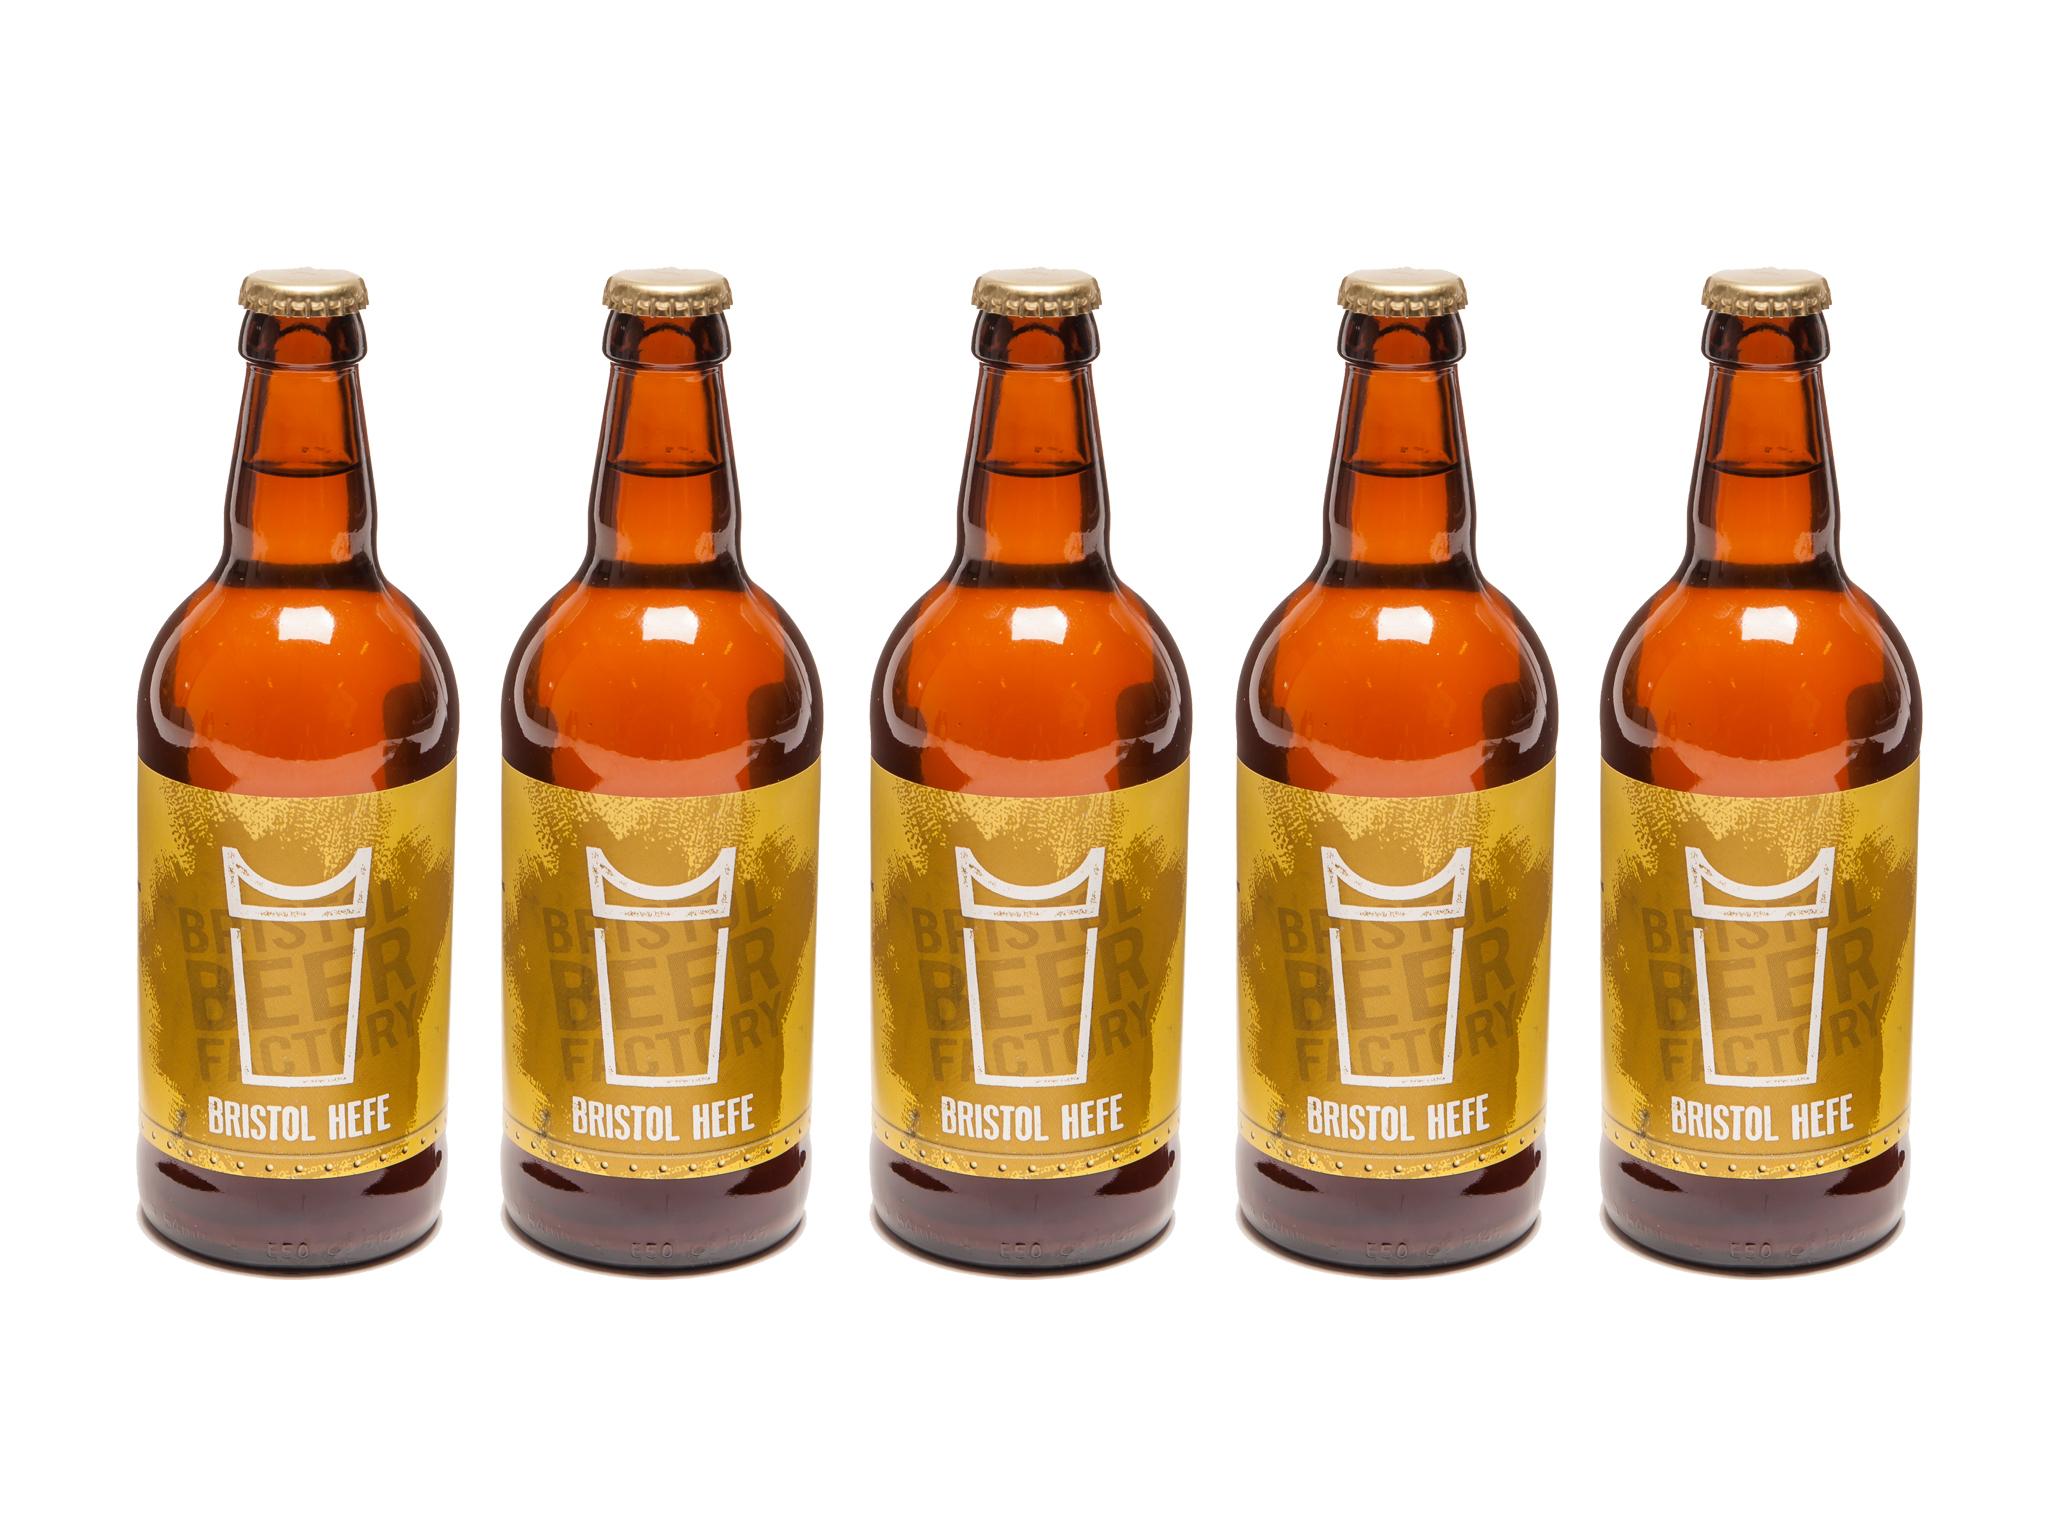 Bristol Beer Factory - Bristol Hefe